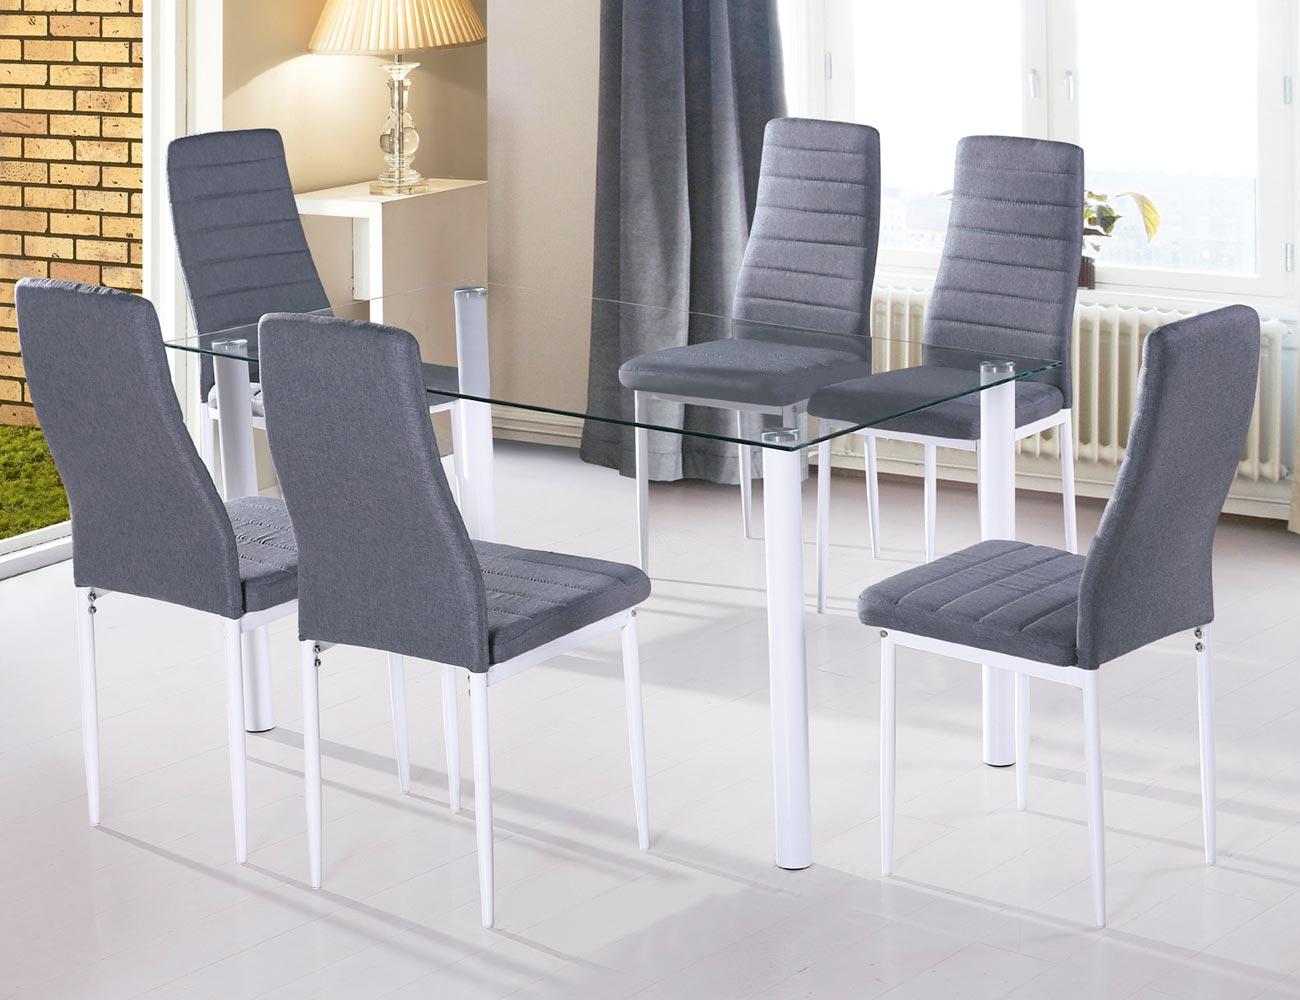 Mesas de comedor modernas (Metal y Cristal) | Factory del Mueble Utrera